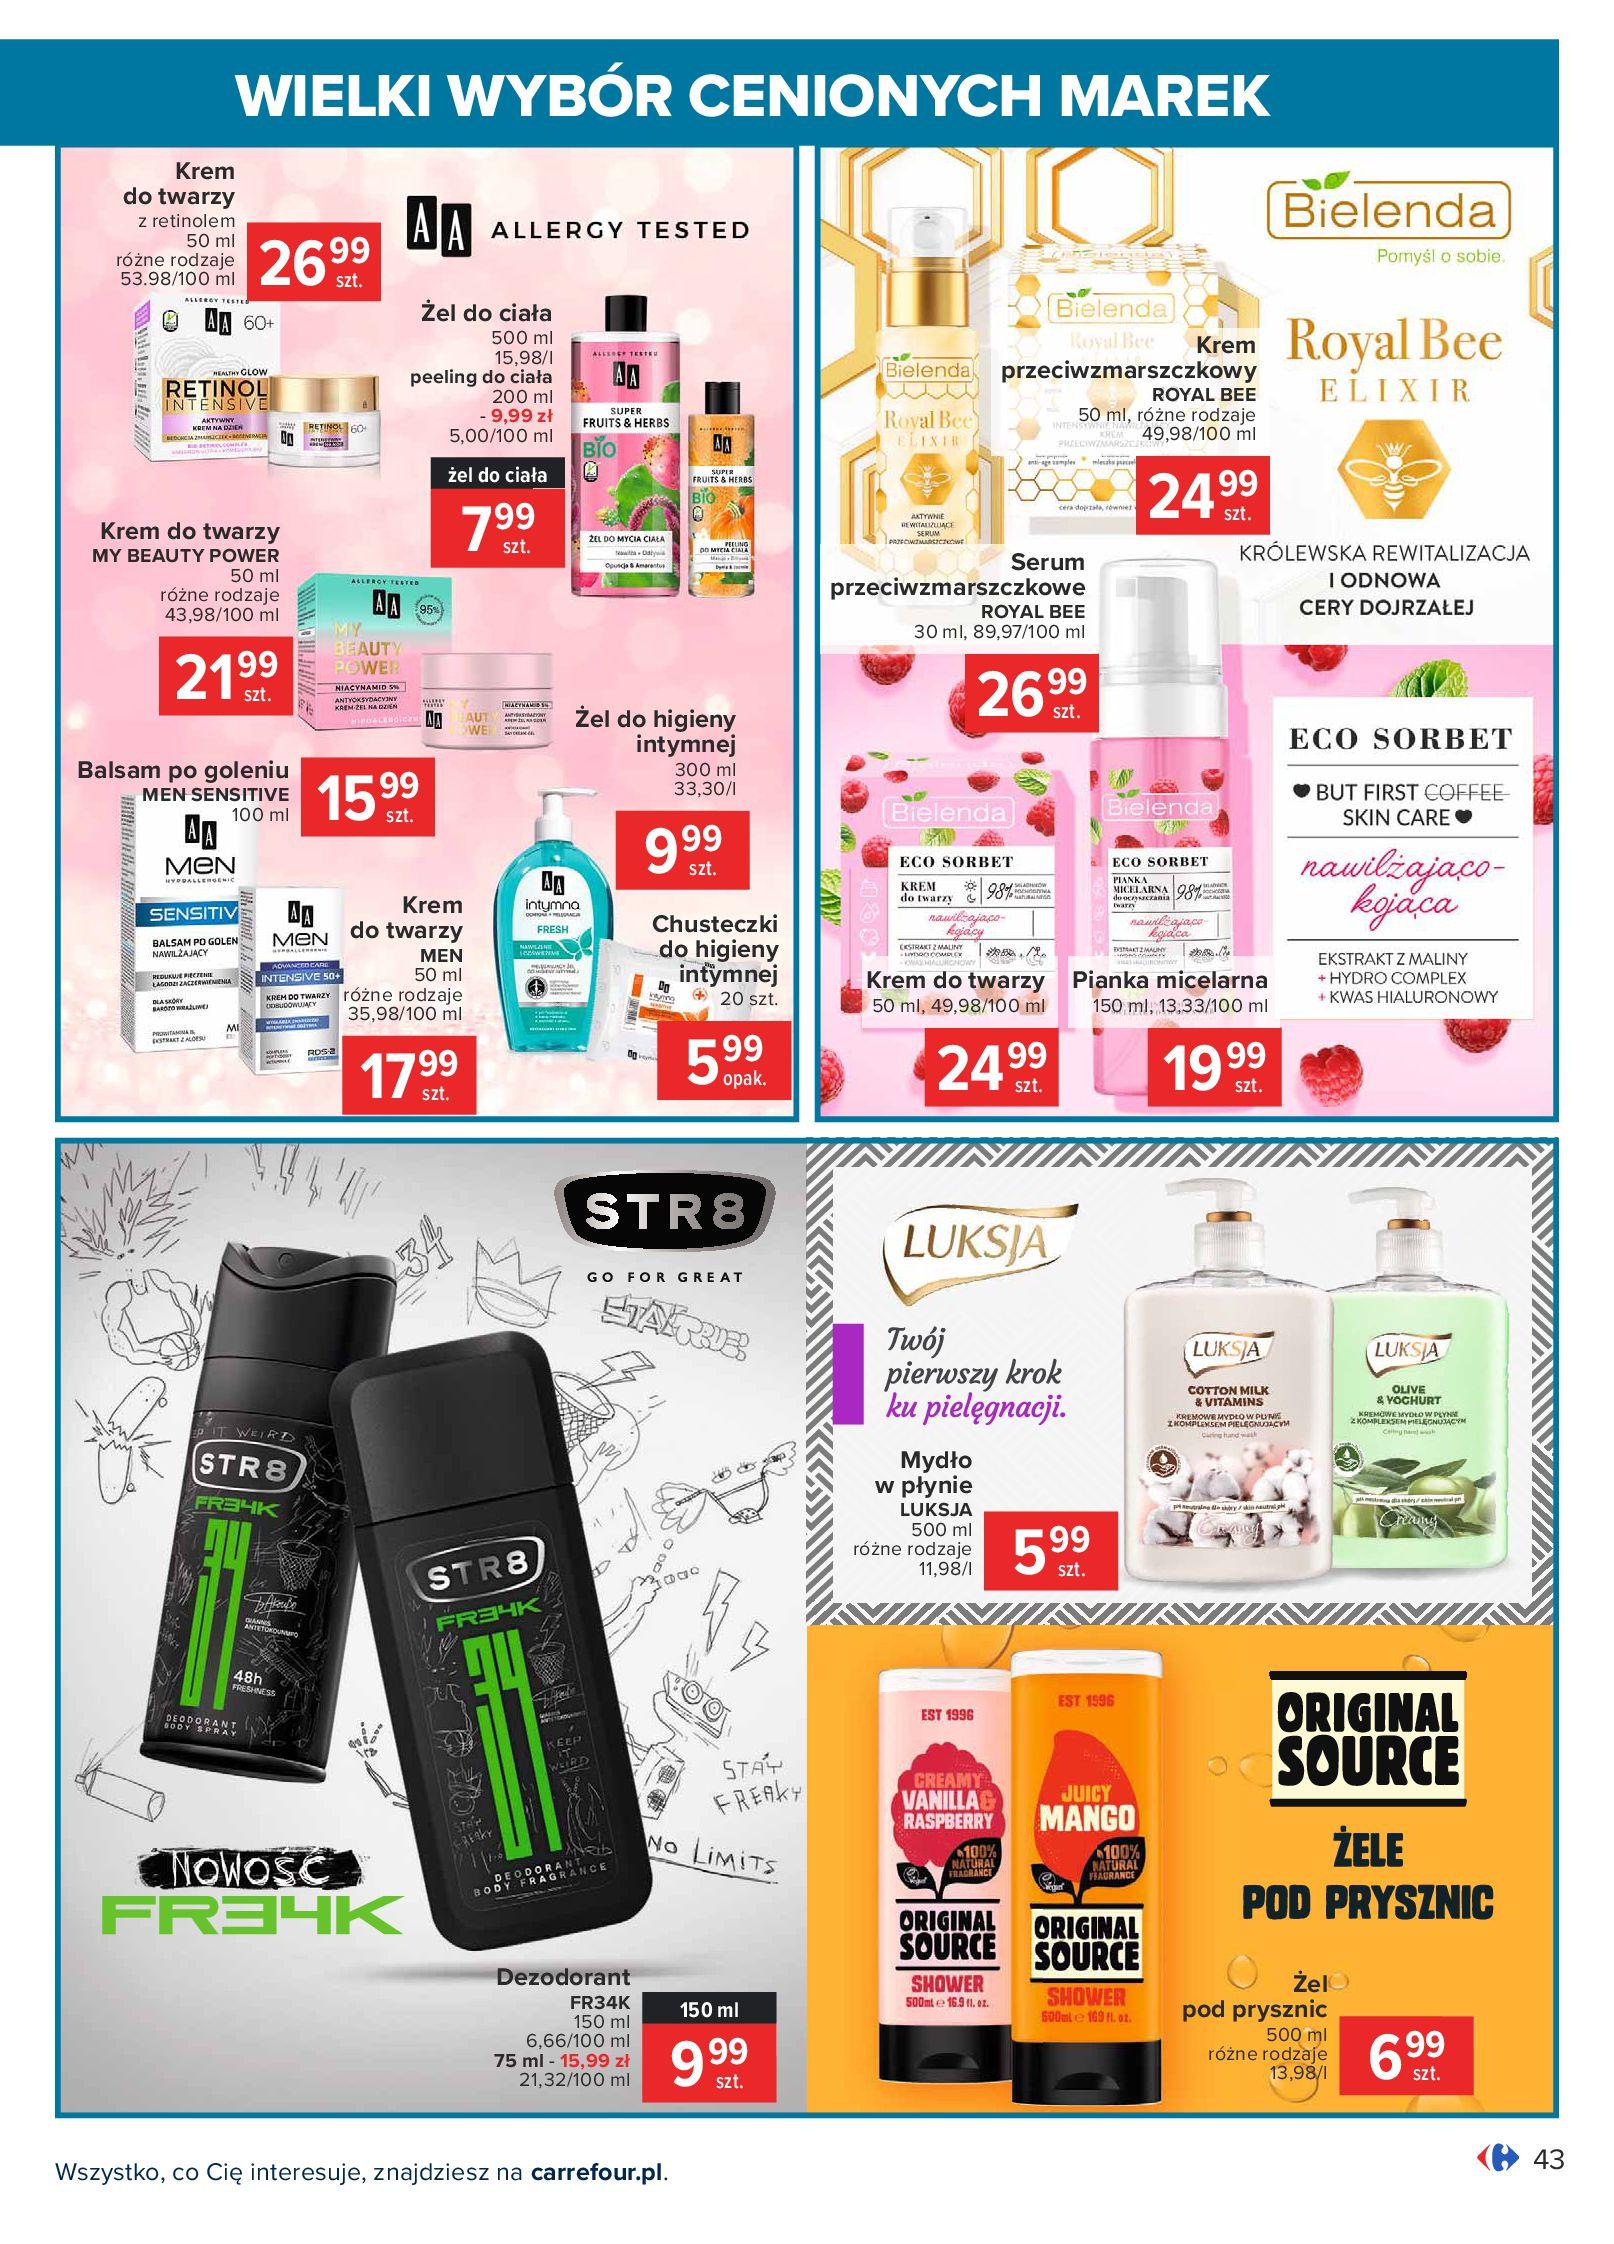 Gazetka Carrefour: Wielki wybór cenionych marek 2021-05-04 page-43